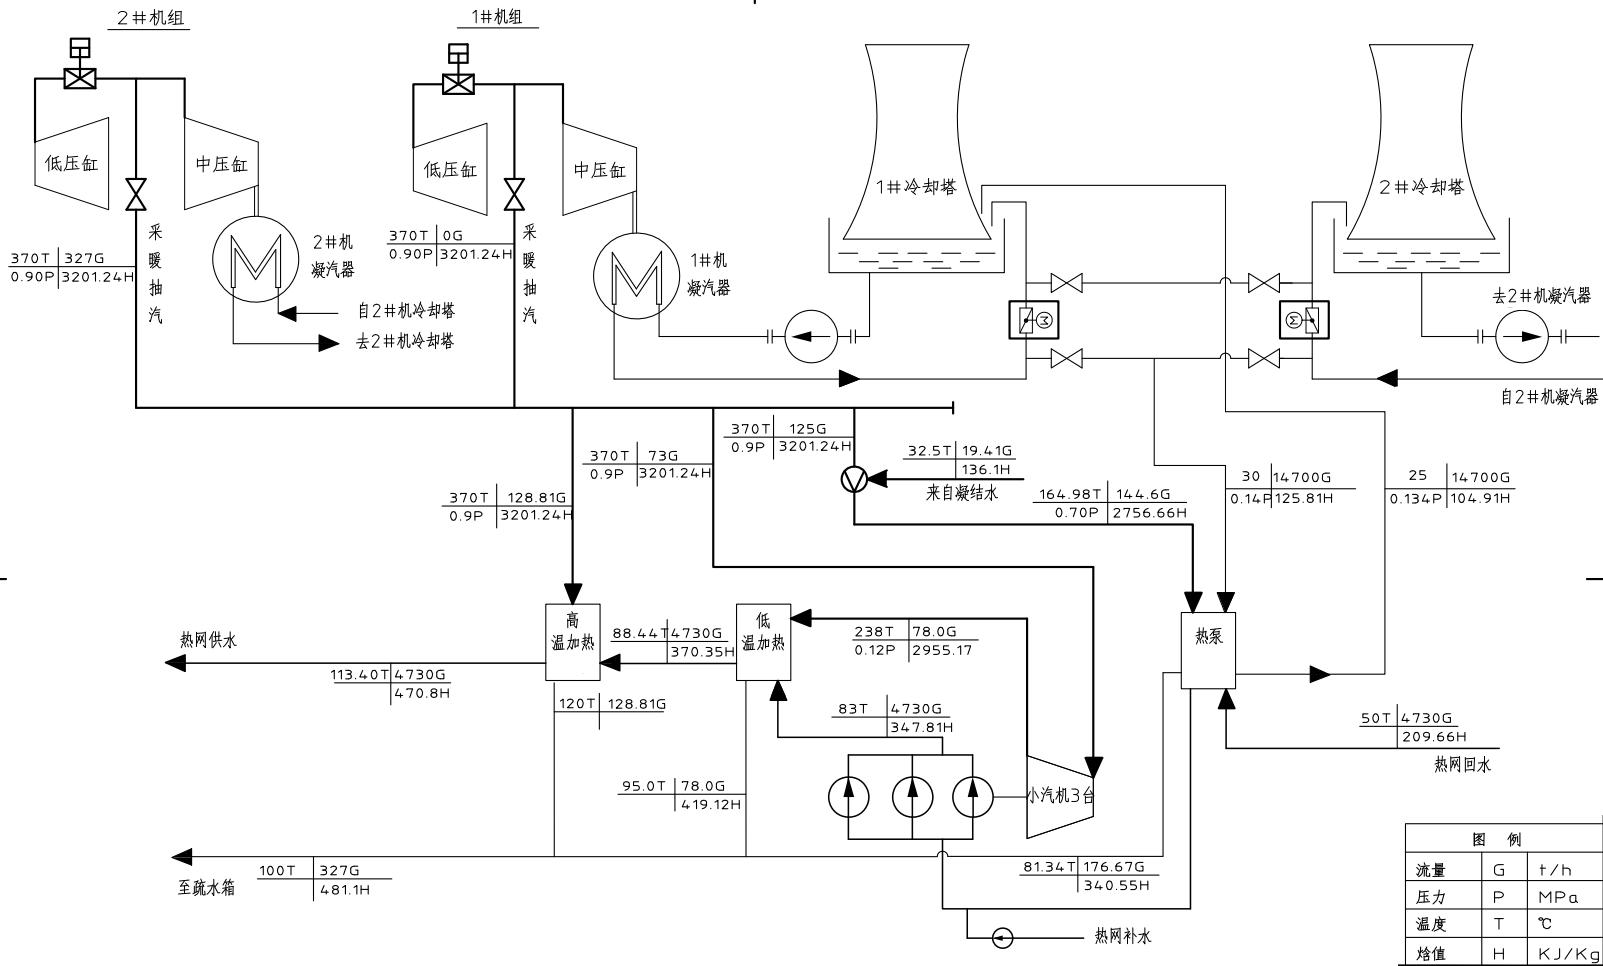 系統熱平衡圖